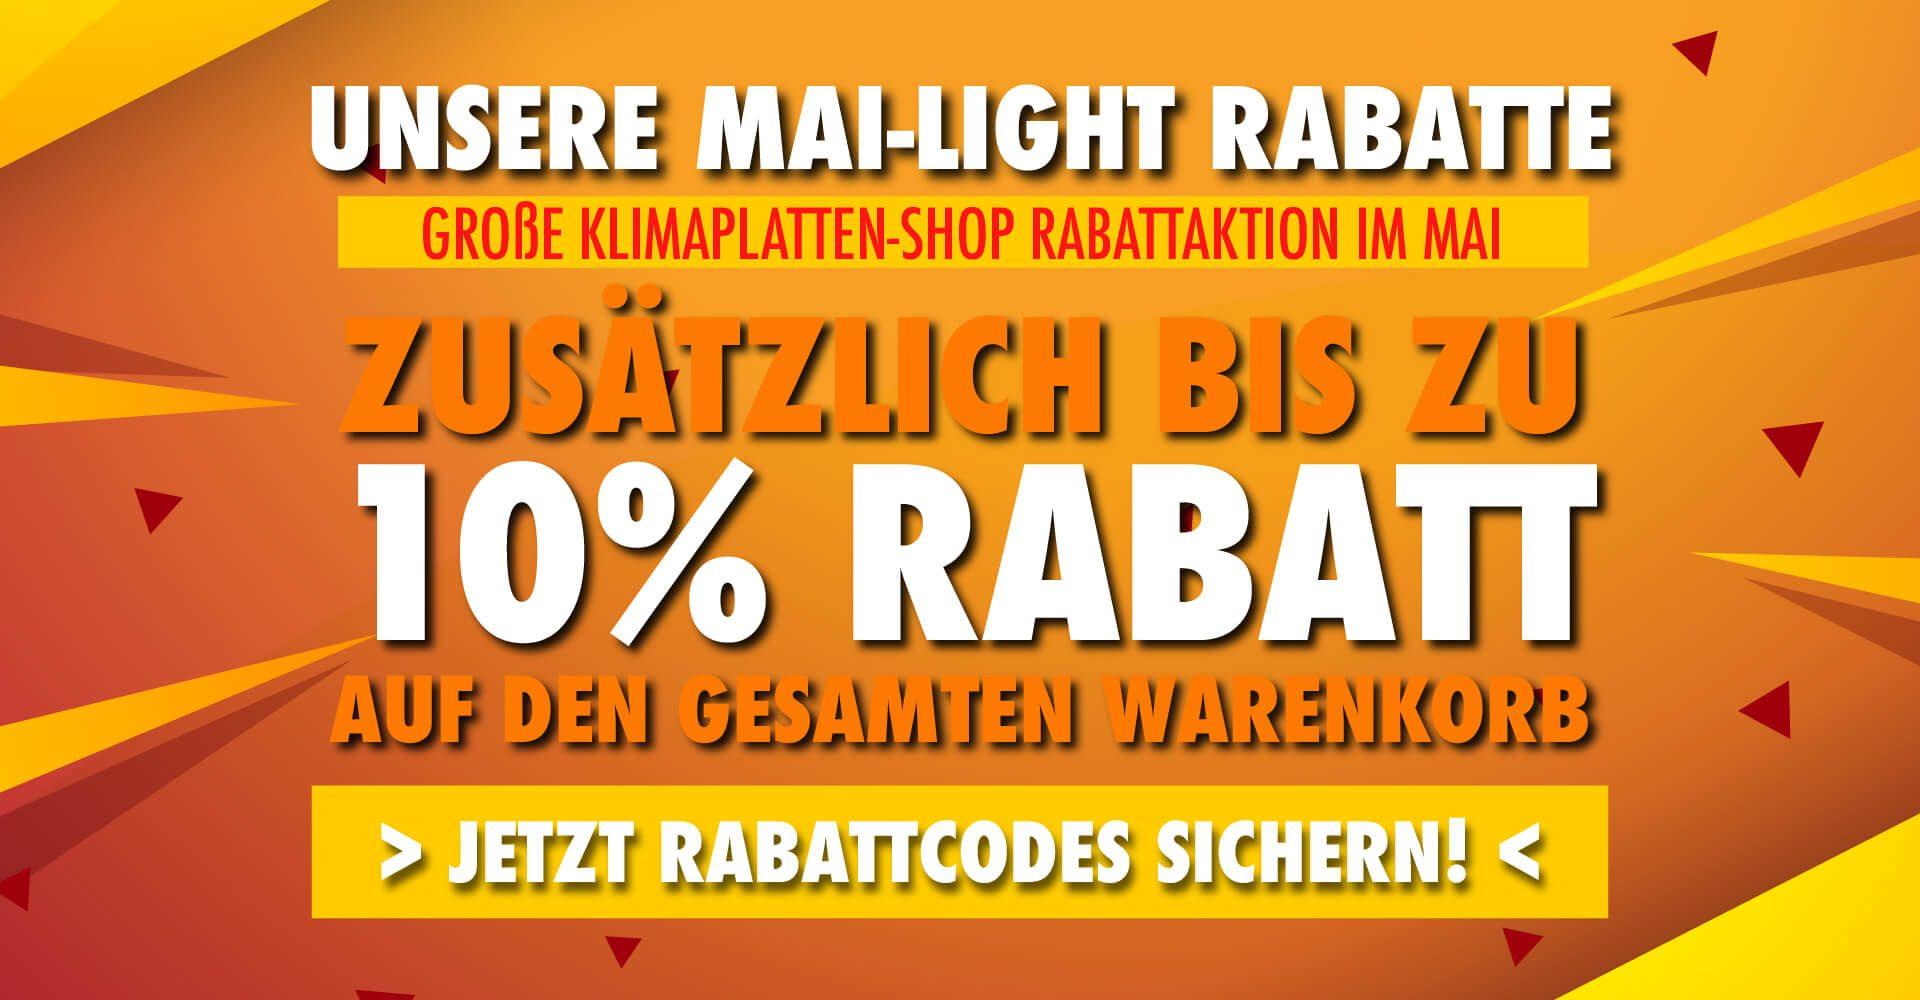 Klimaplatten-Shop Mai-light Rabattaktion bis zu 10% Rabatt sichern